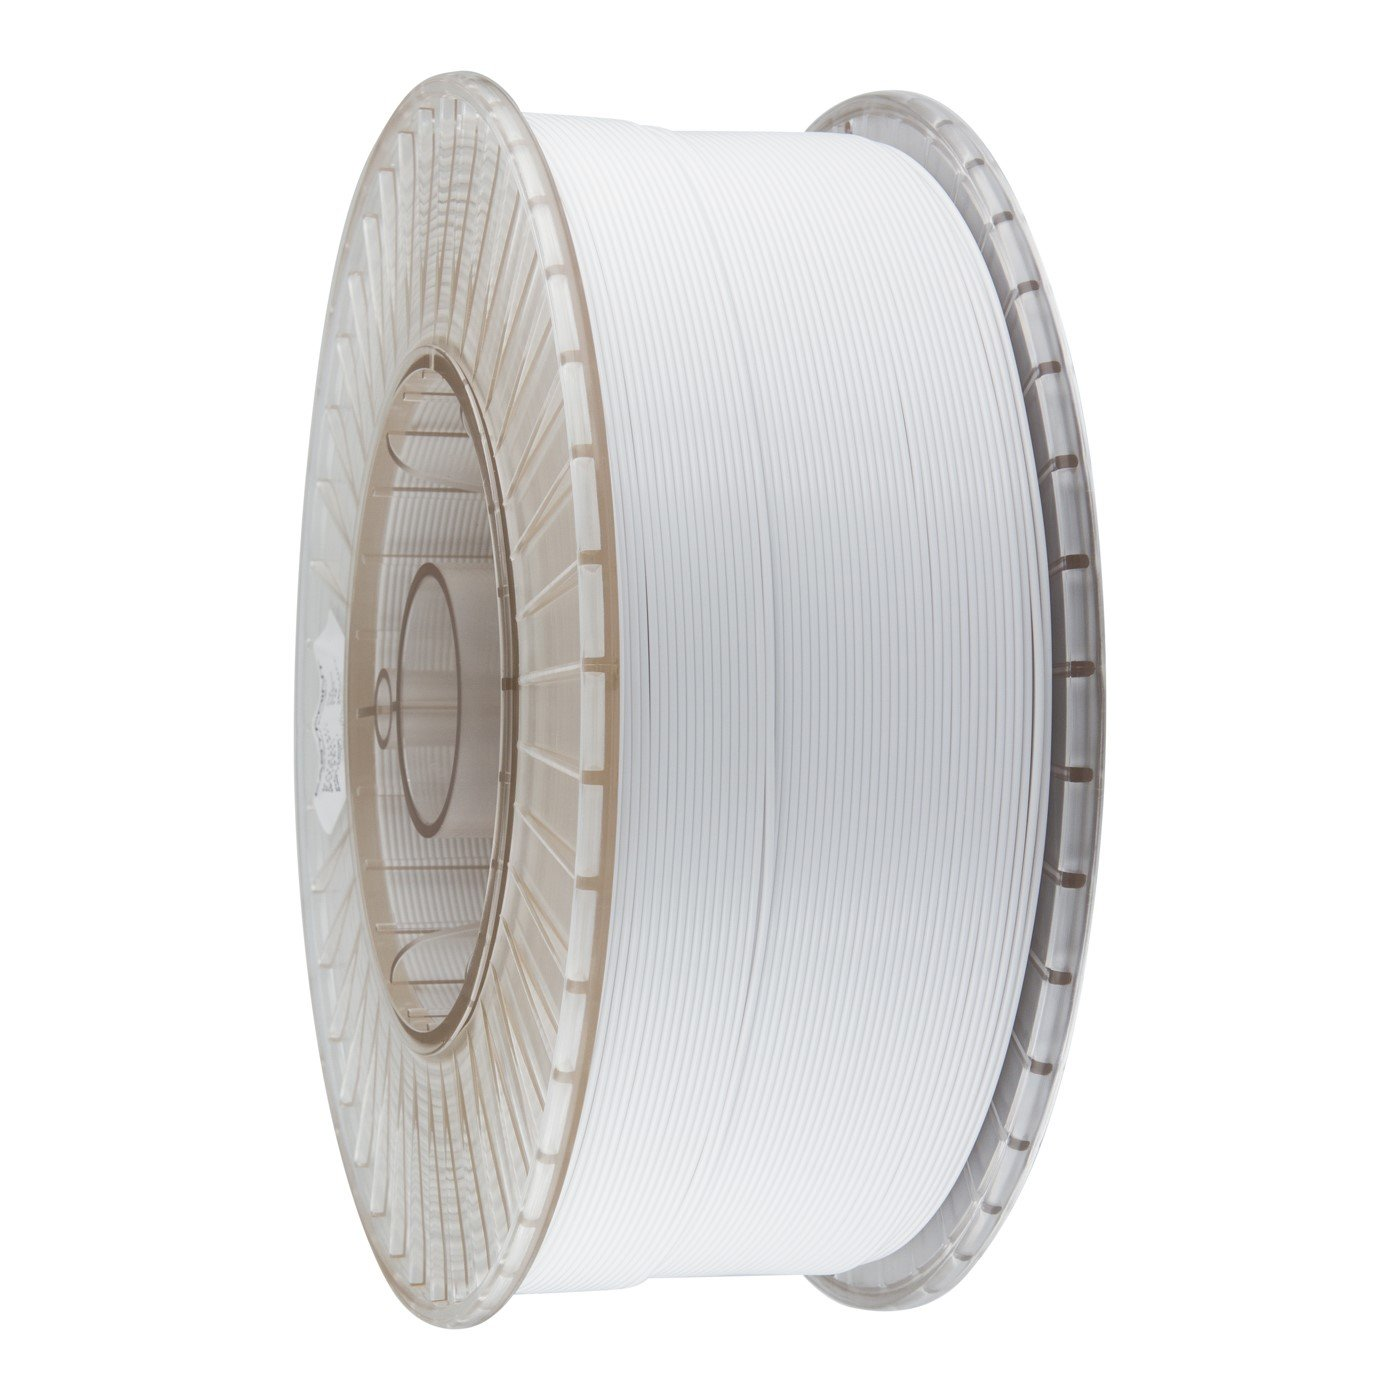 Filamento PETG 2.85mm 3kg COLOR FOTO-1 IMP 3D [7DRVSCQL]